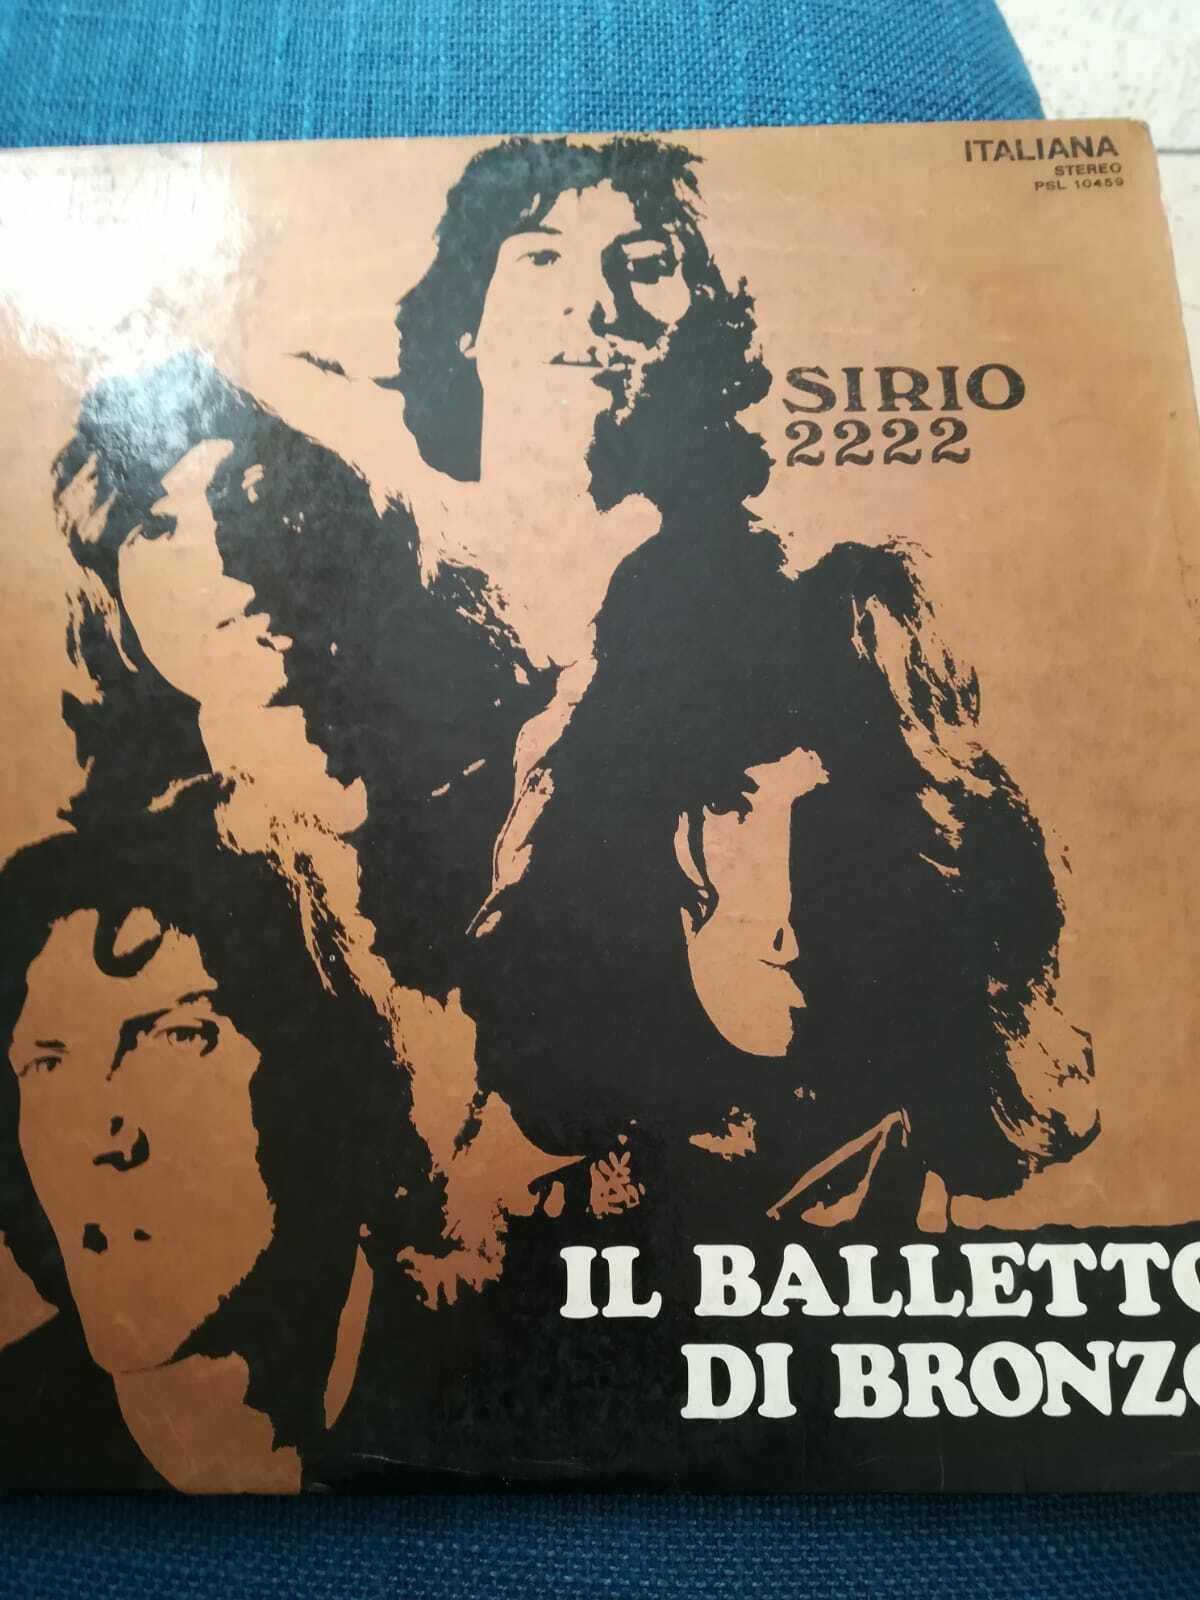 Lp vinile Balletto di bronzo Sirio 2222   prima stampa RCA PSL 10459